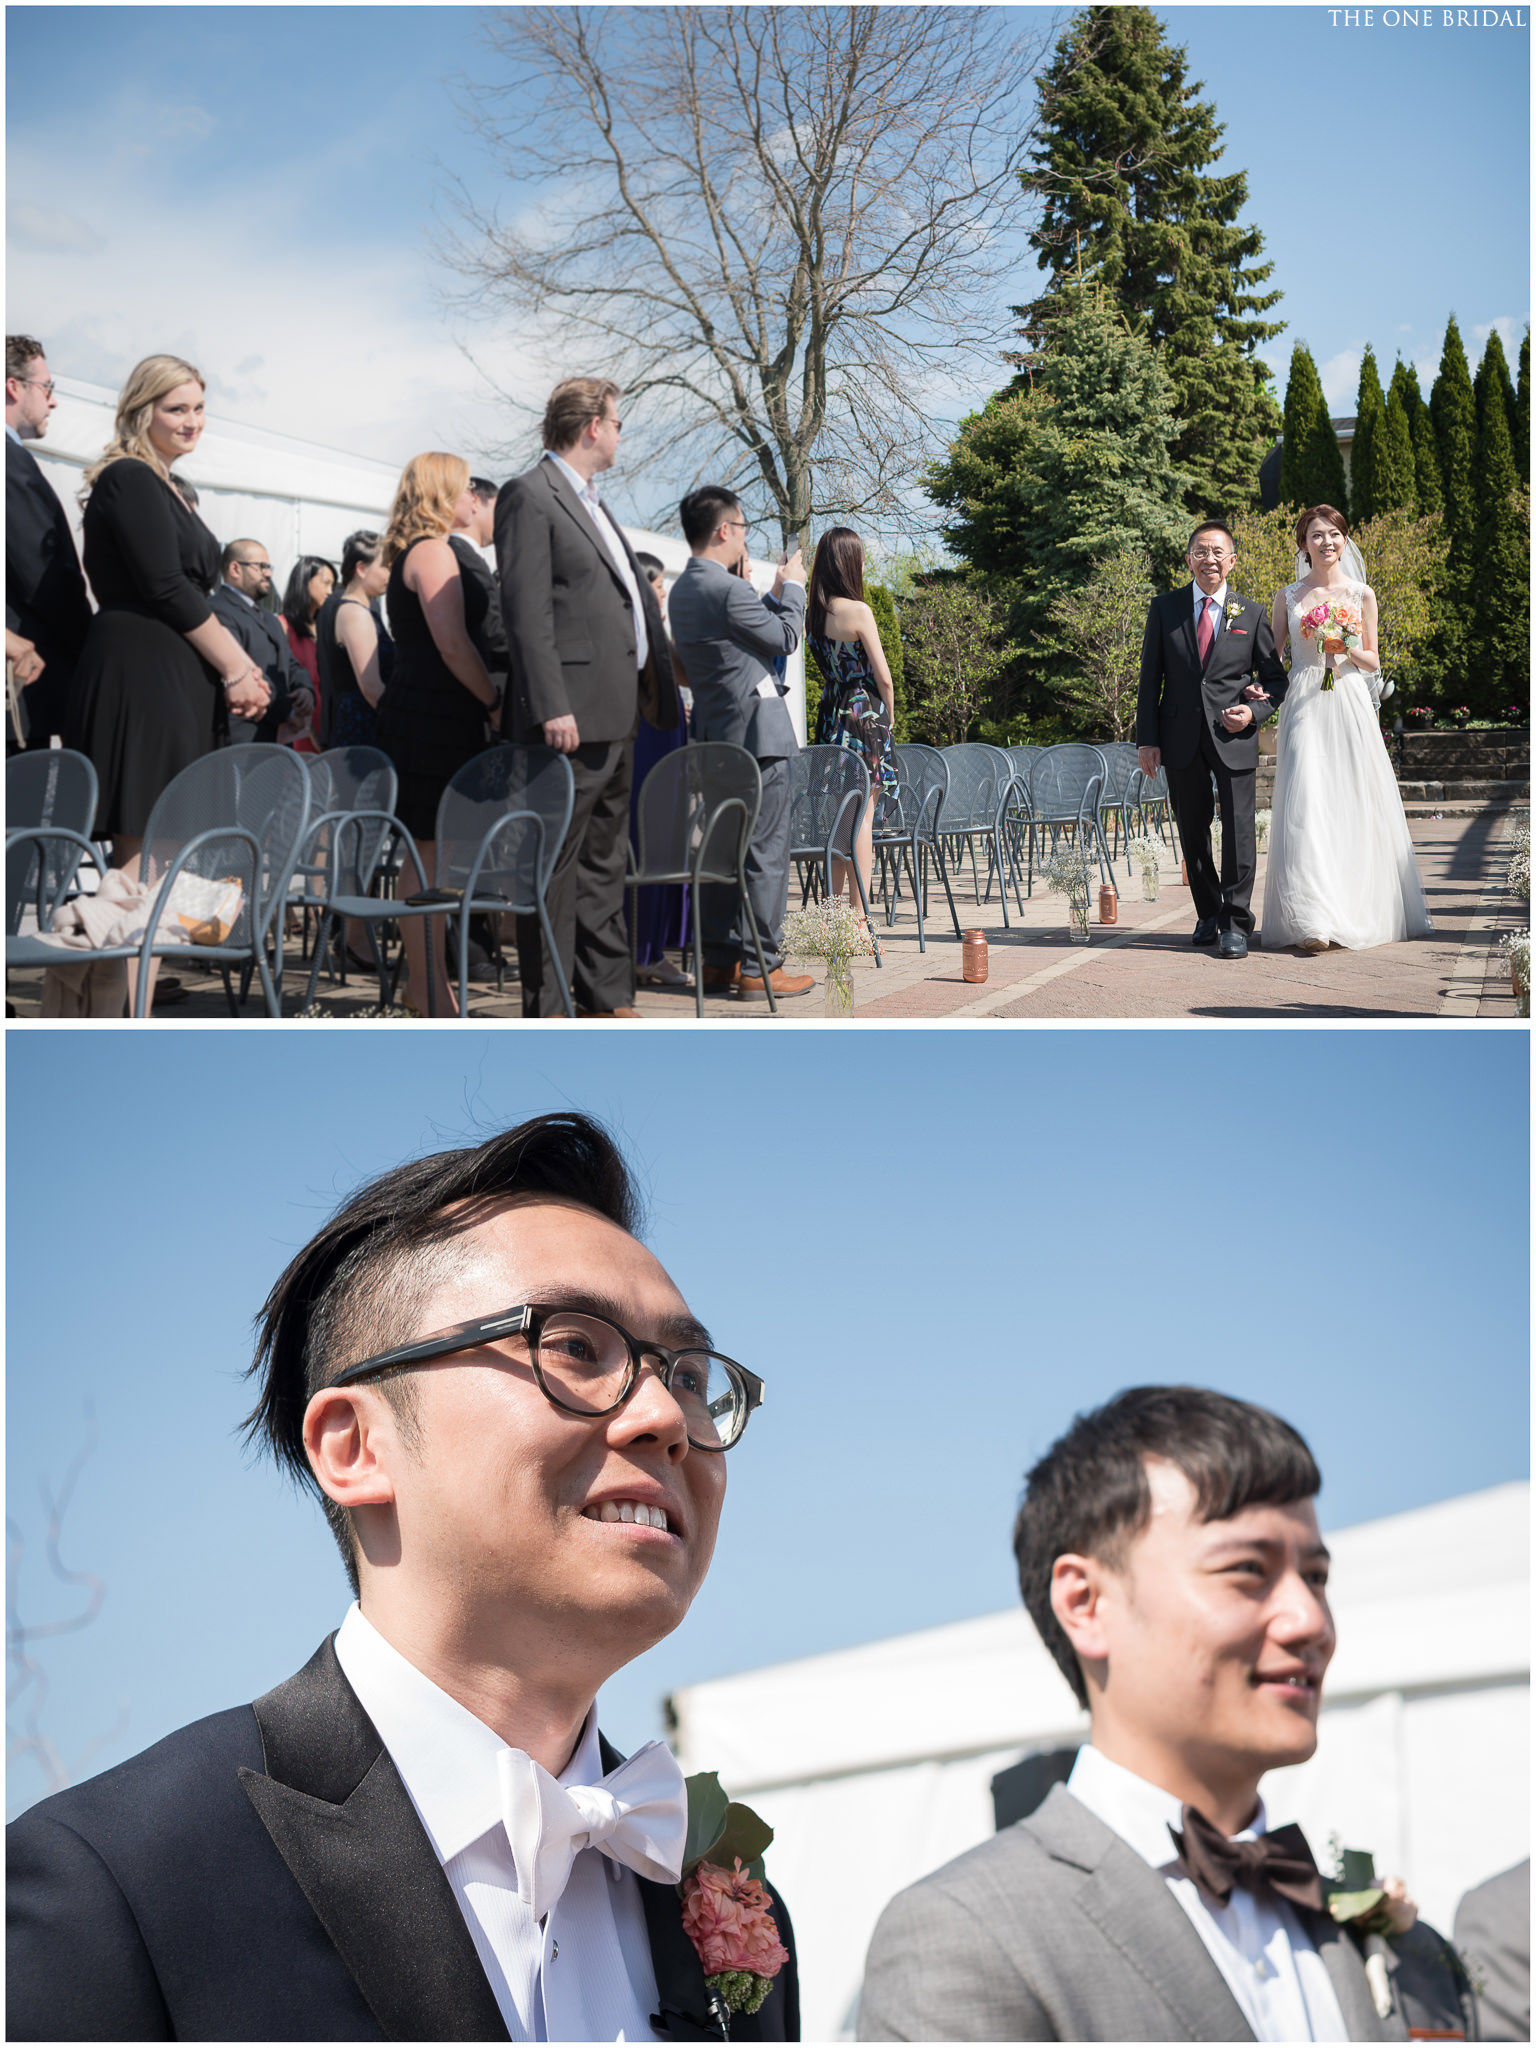 mandarin-golf-club-wedding-markham-the-one-bridal-007